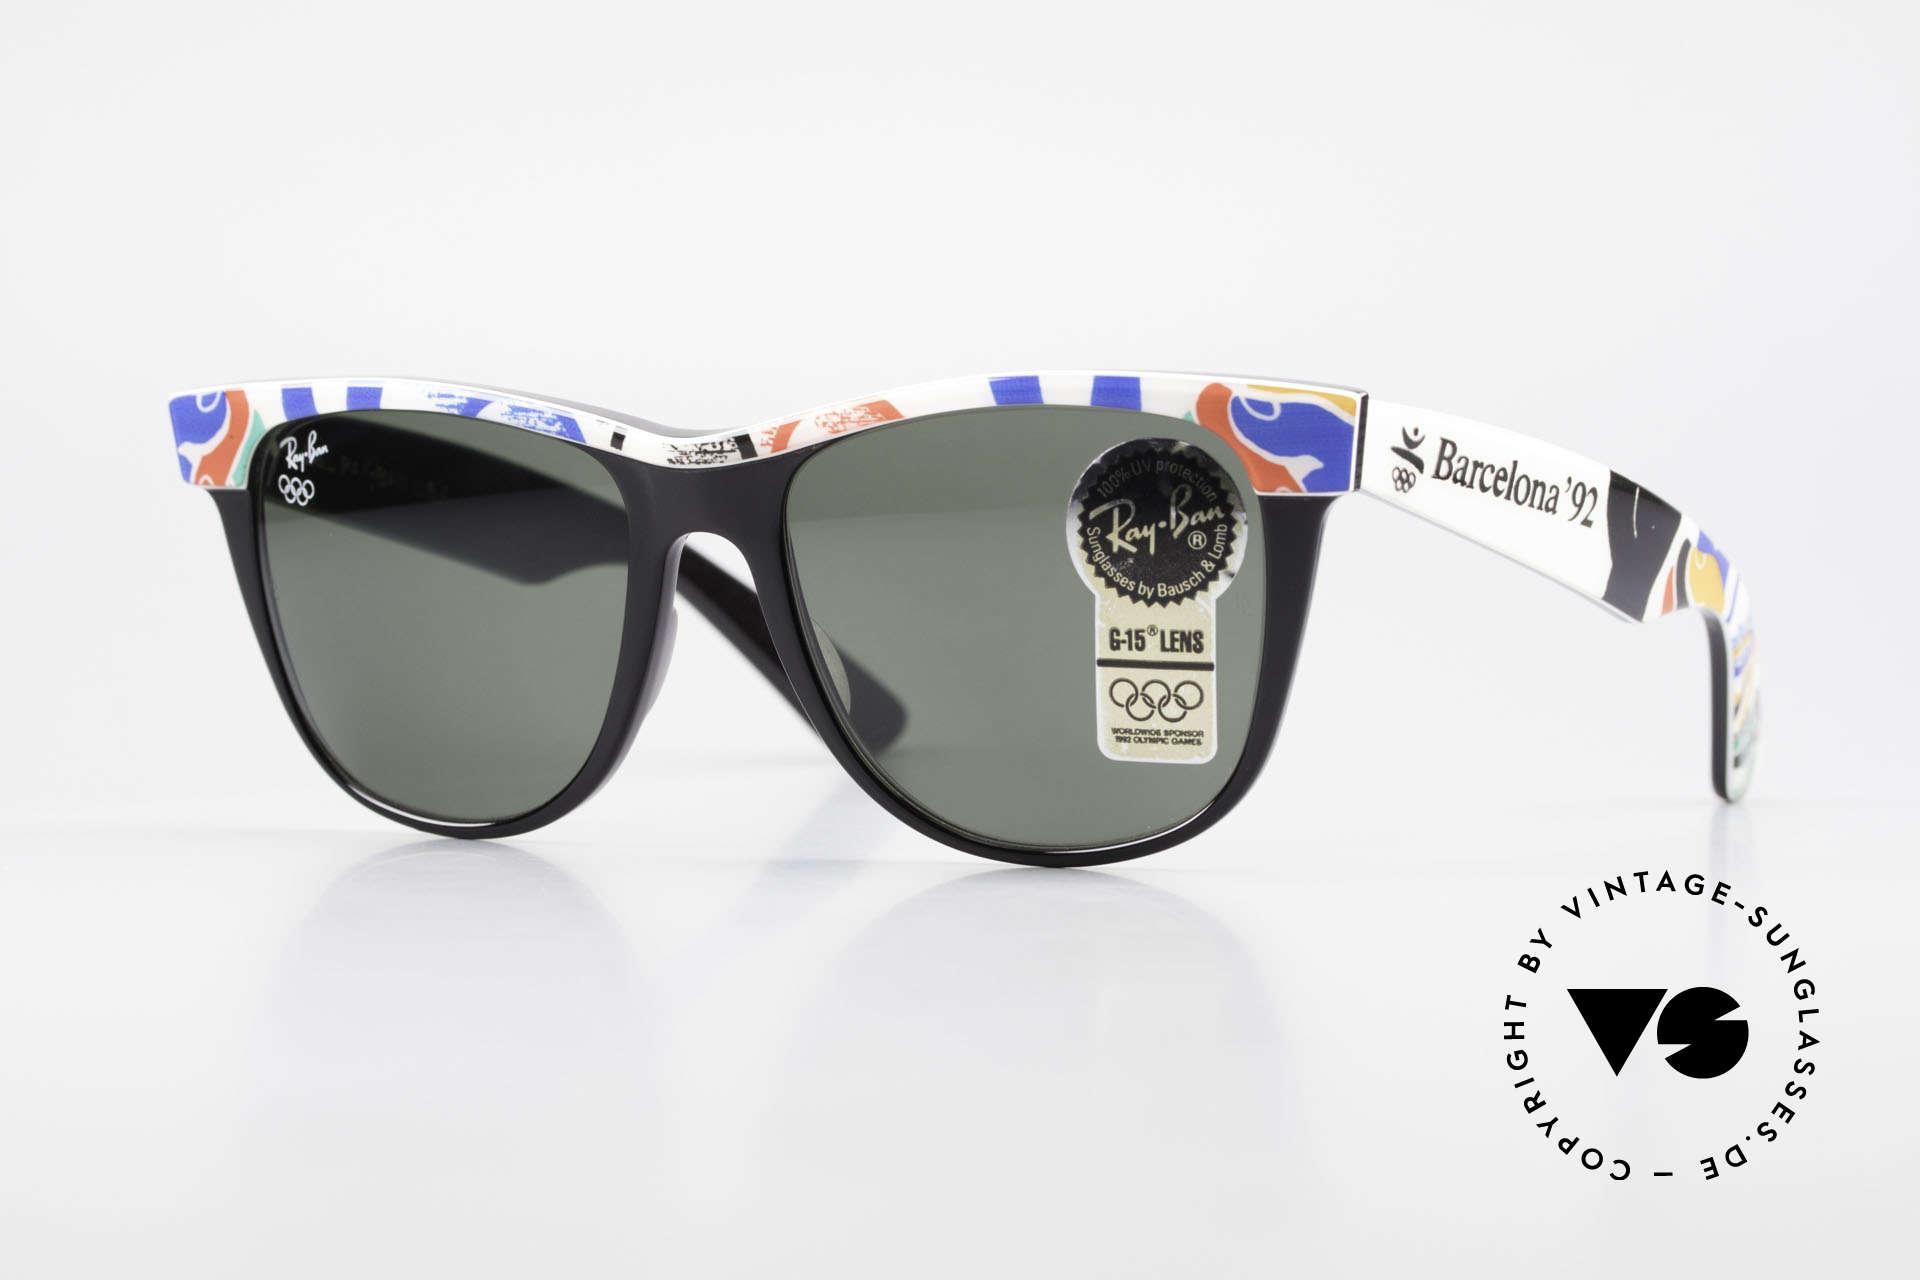 Ray Ban Wayfarer II Olympia Brille 1992 Barcelona, Ray Ban Sonnenbrille zu den Olympische Spielen '92, Passend für Herren und Damen